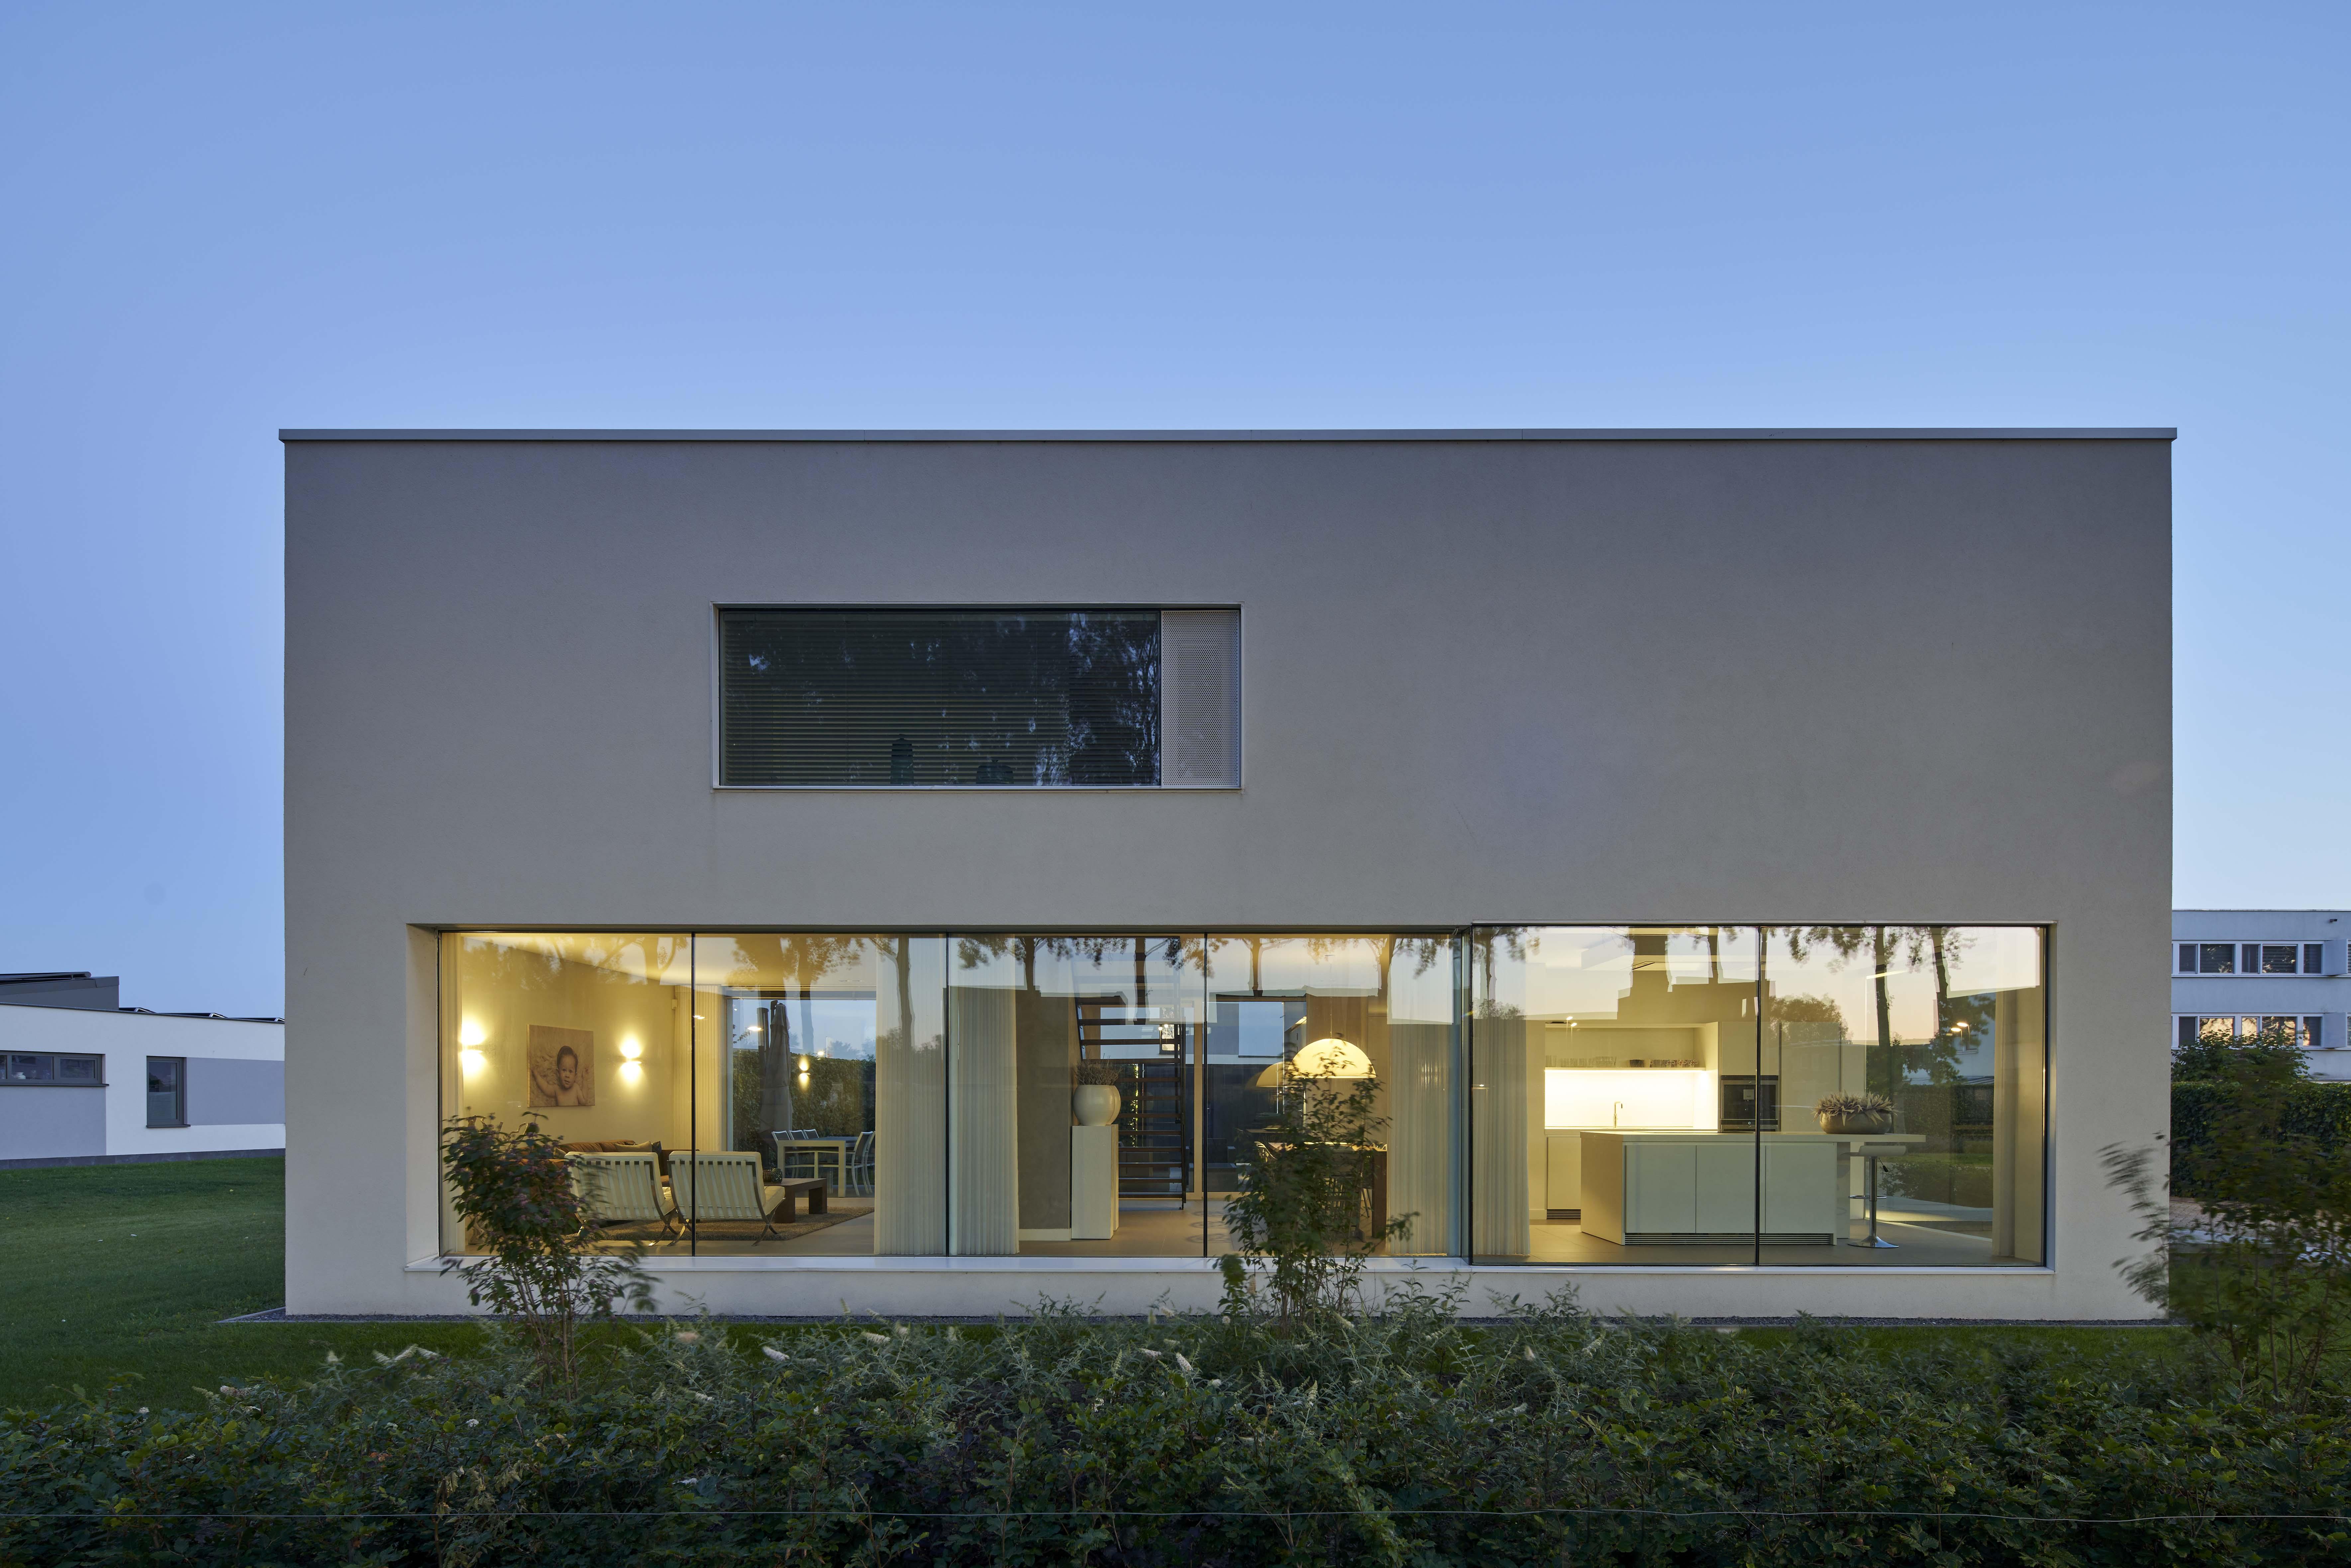 residence Reeshof Tilburg JMW architects